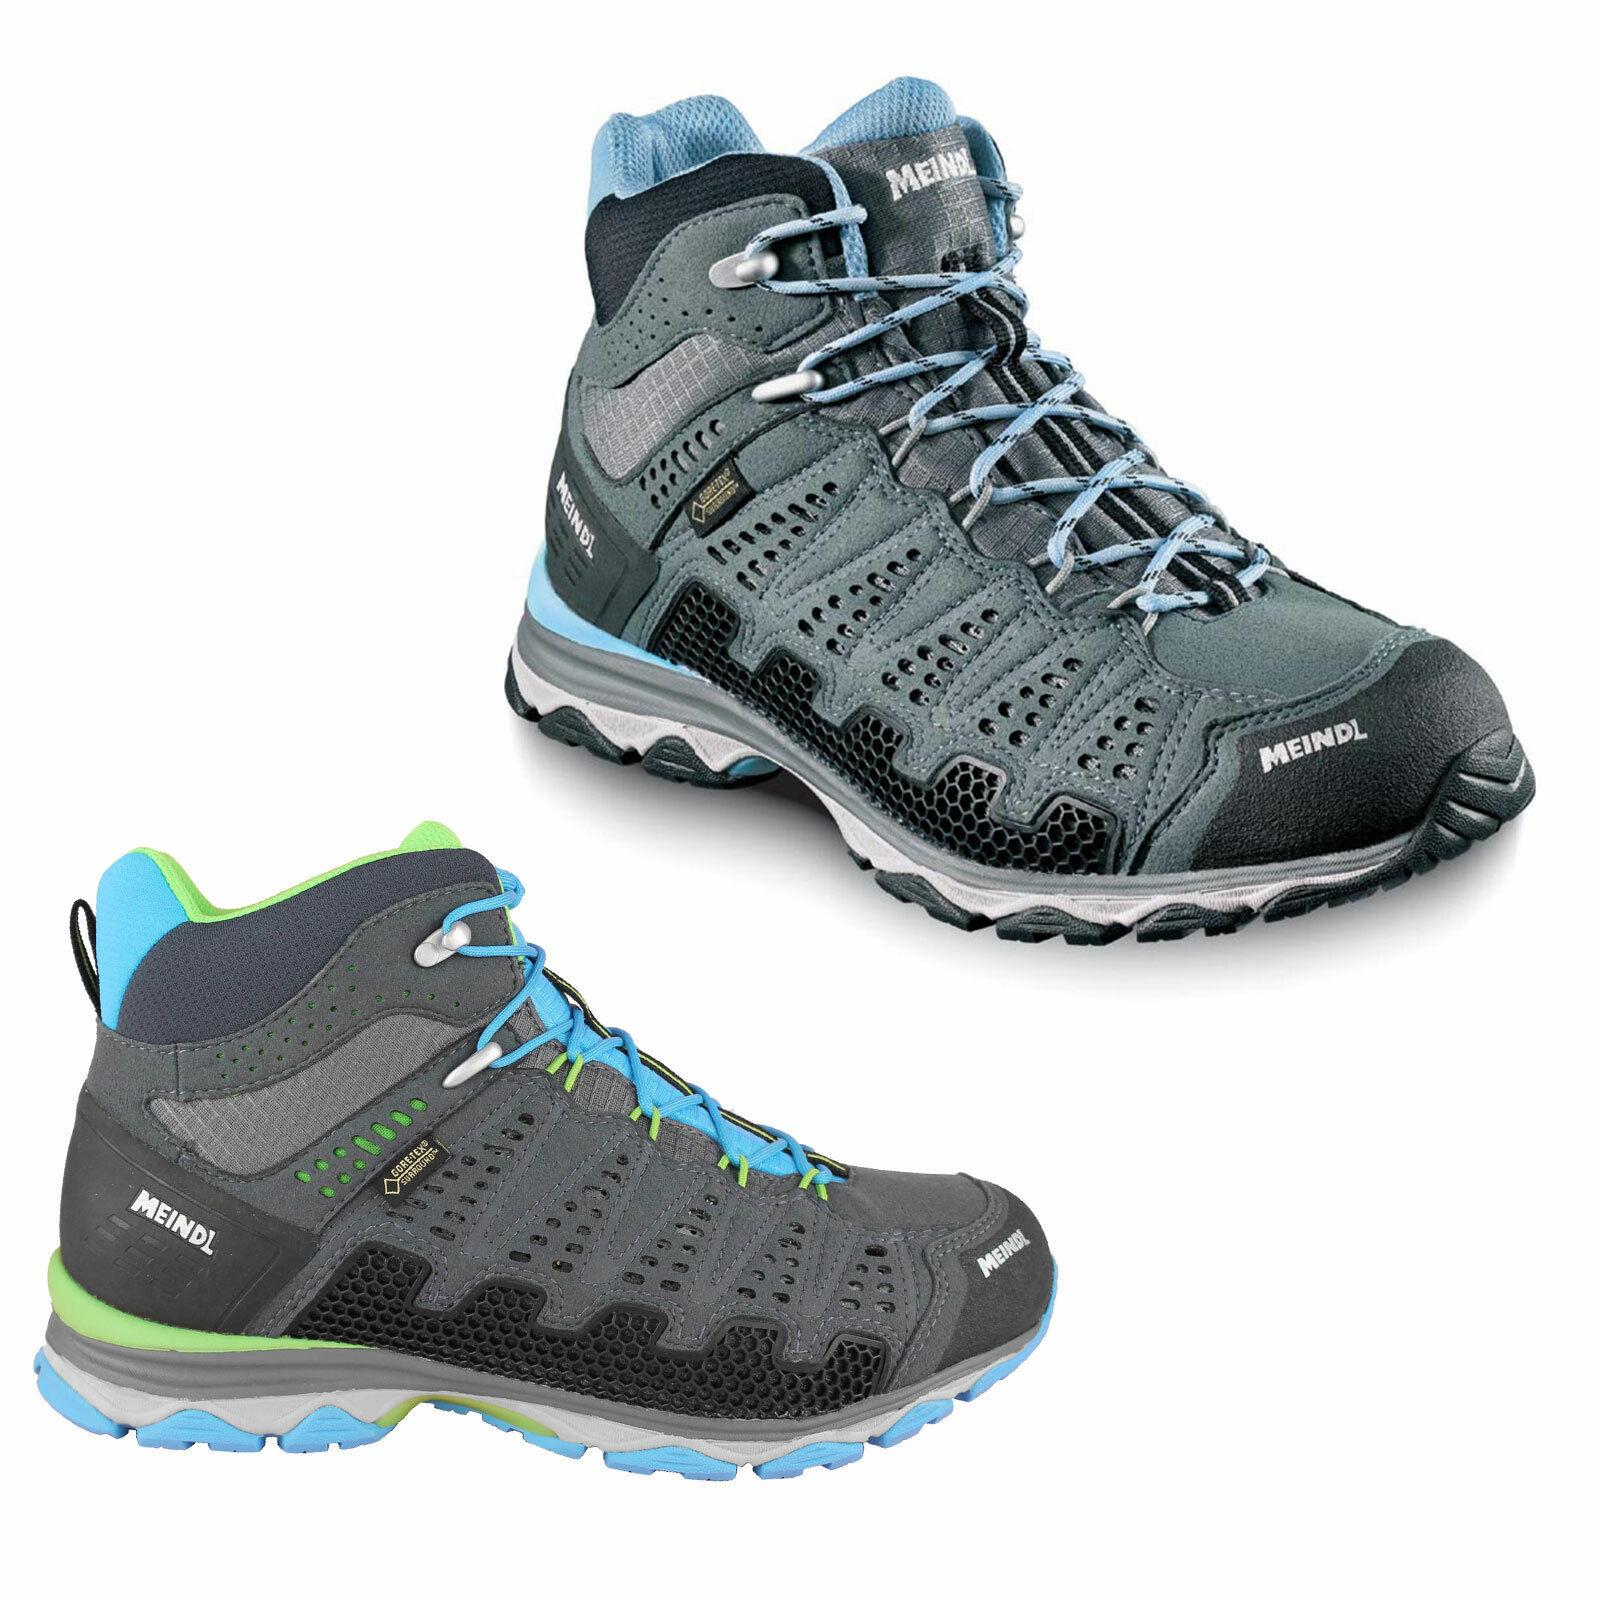 Meindl X. Dus GTX Ladies Hiking schoenen Trekking schoenen Buitenshuis schoenen Gortex